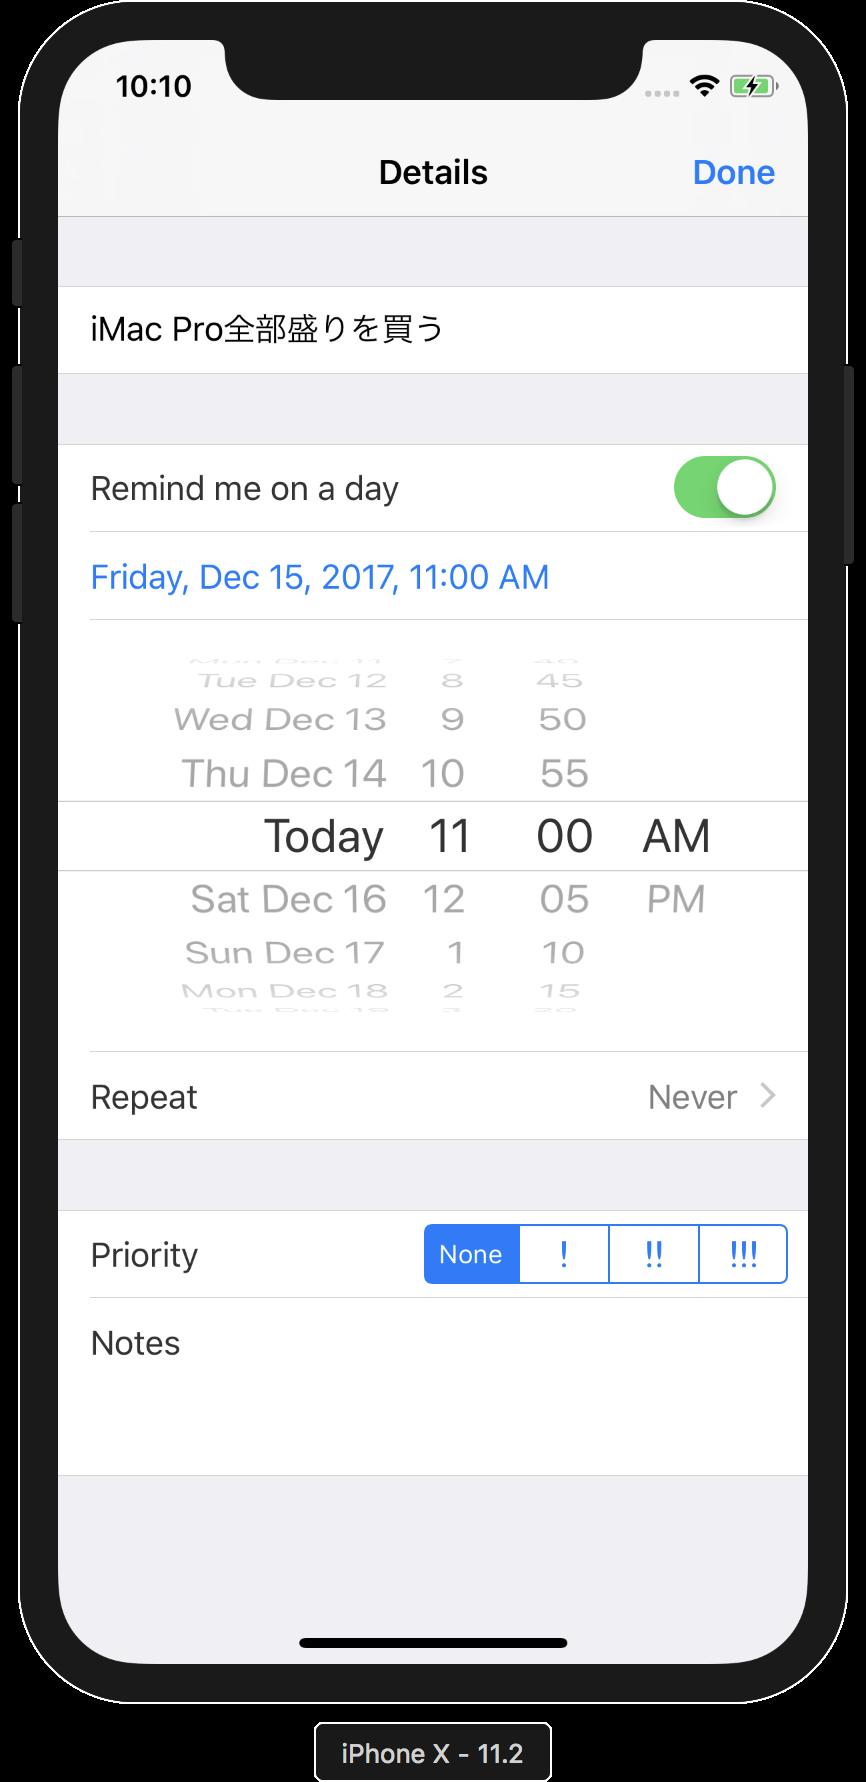 iPhone X Reminder app